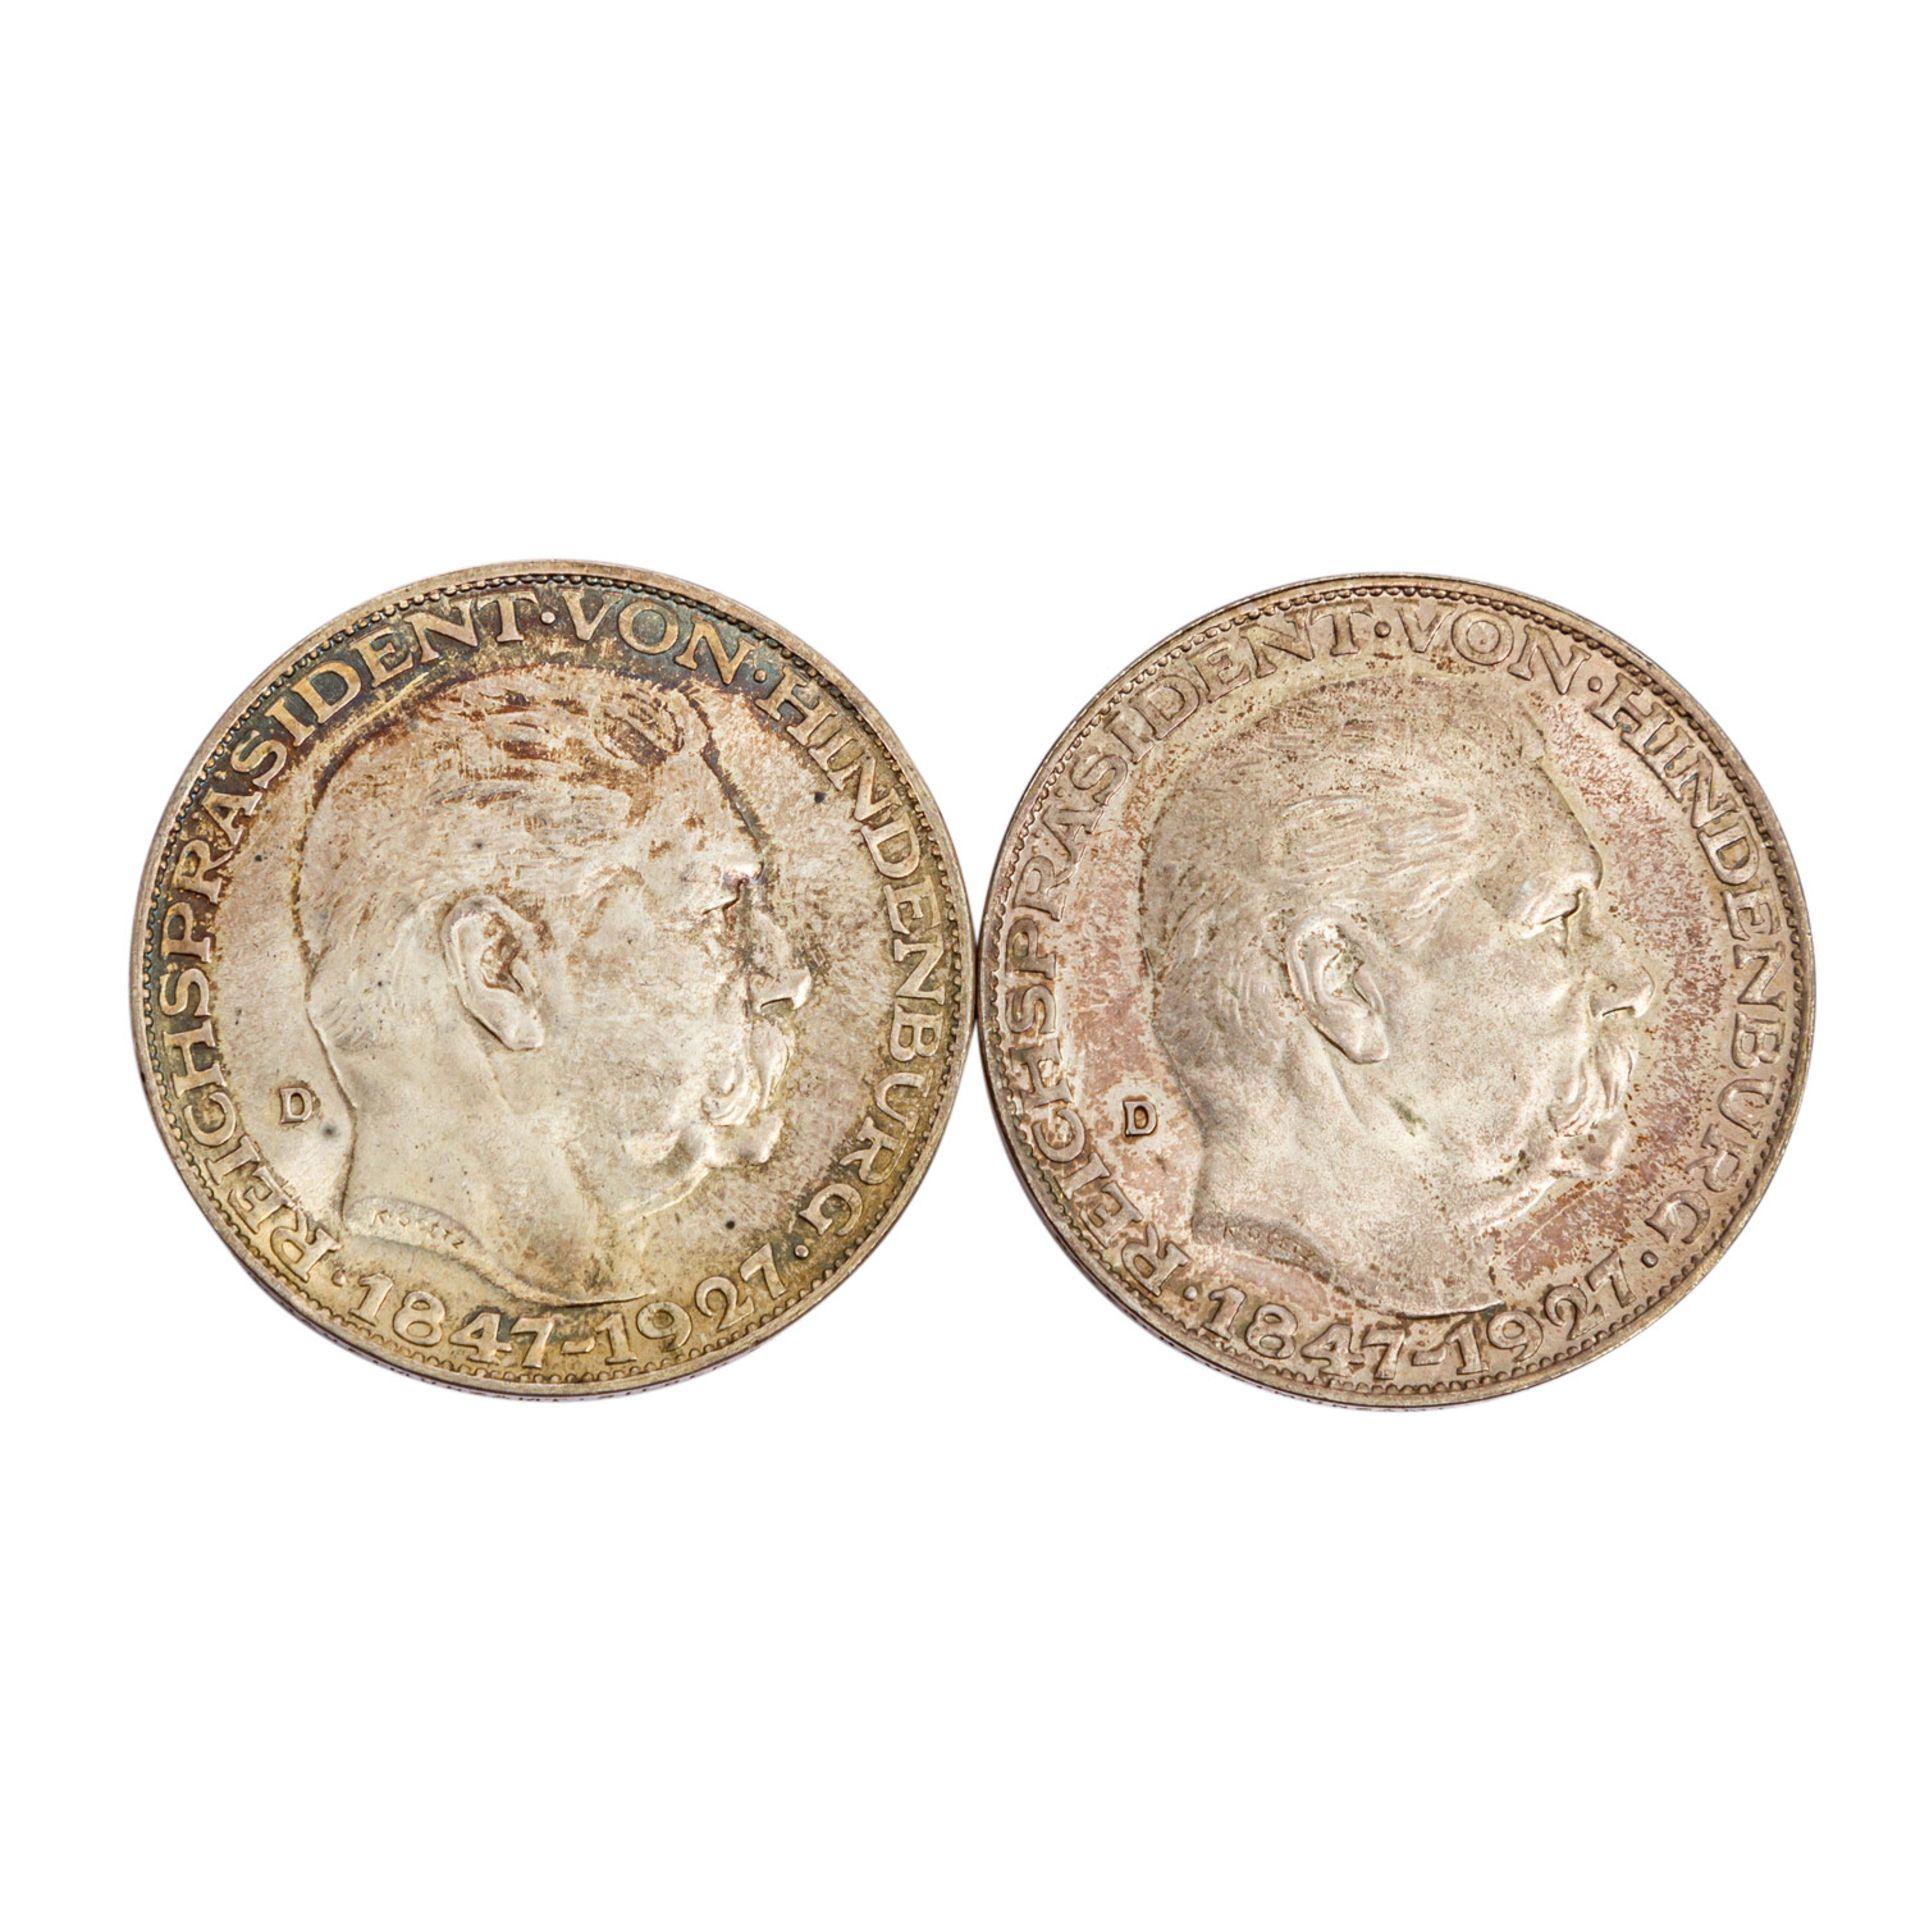 2 Silbermedaillen aus der Weimarer Republik -